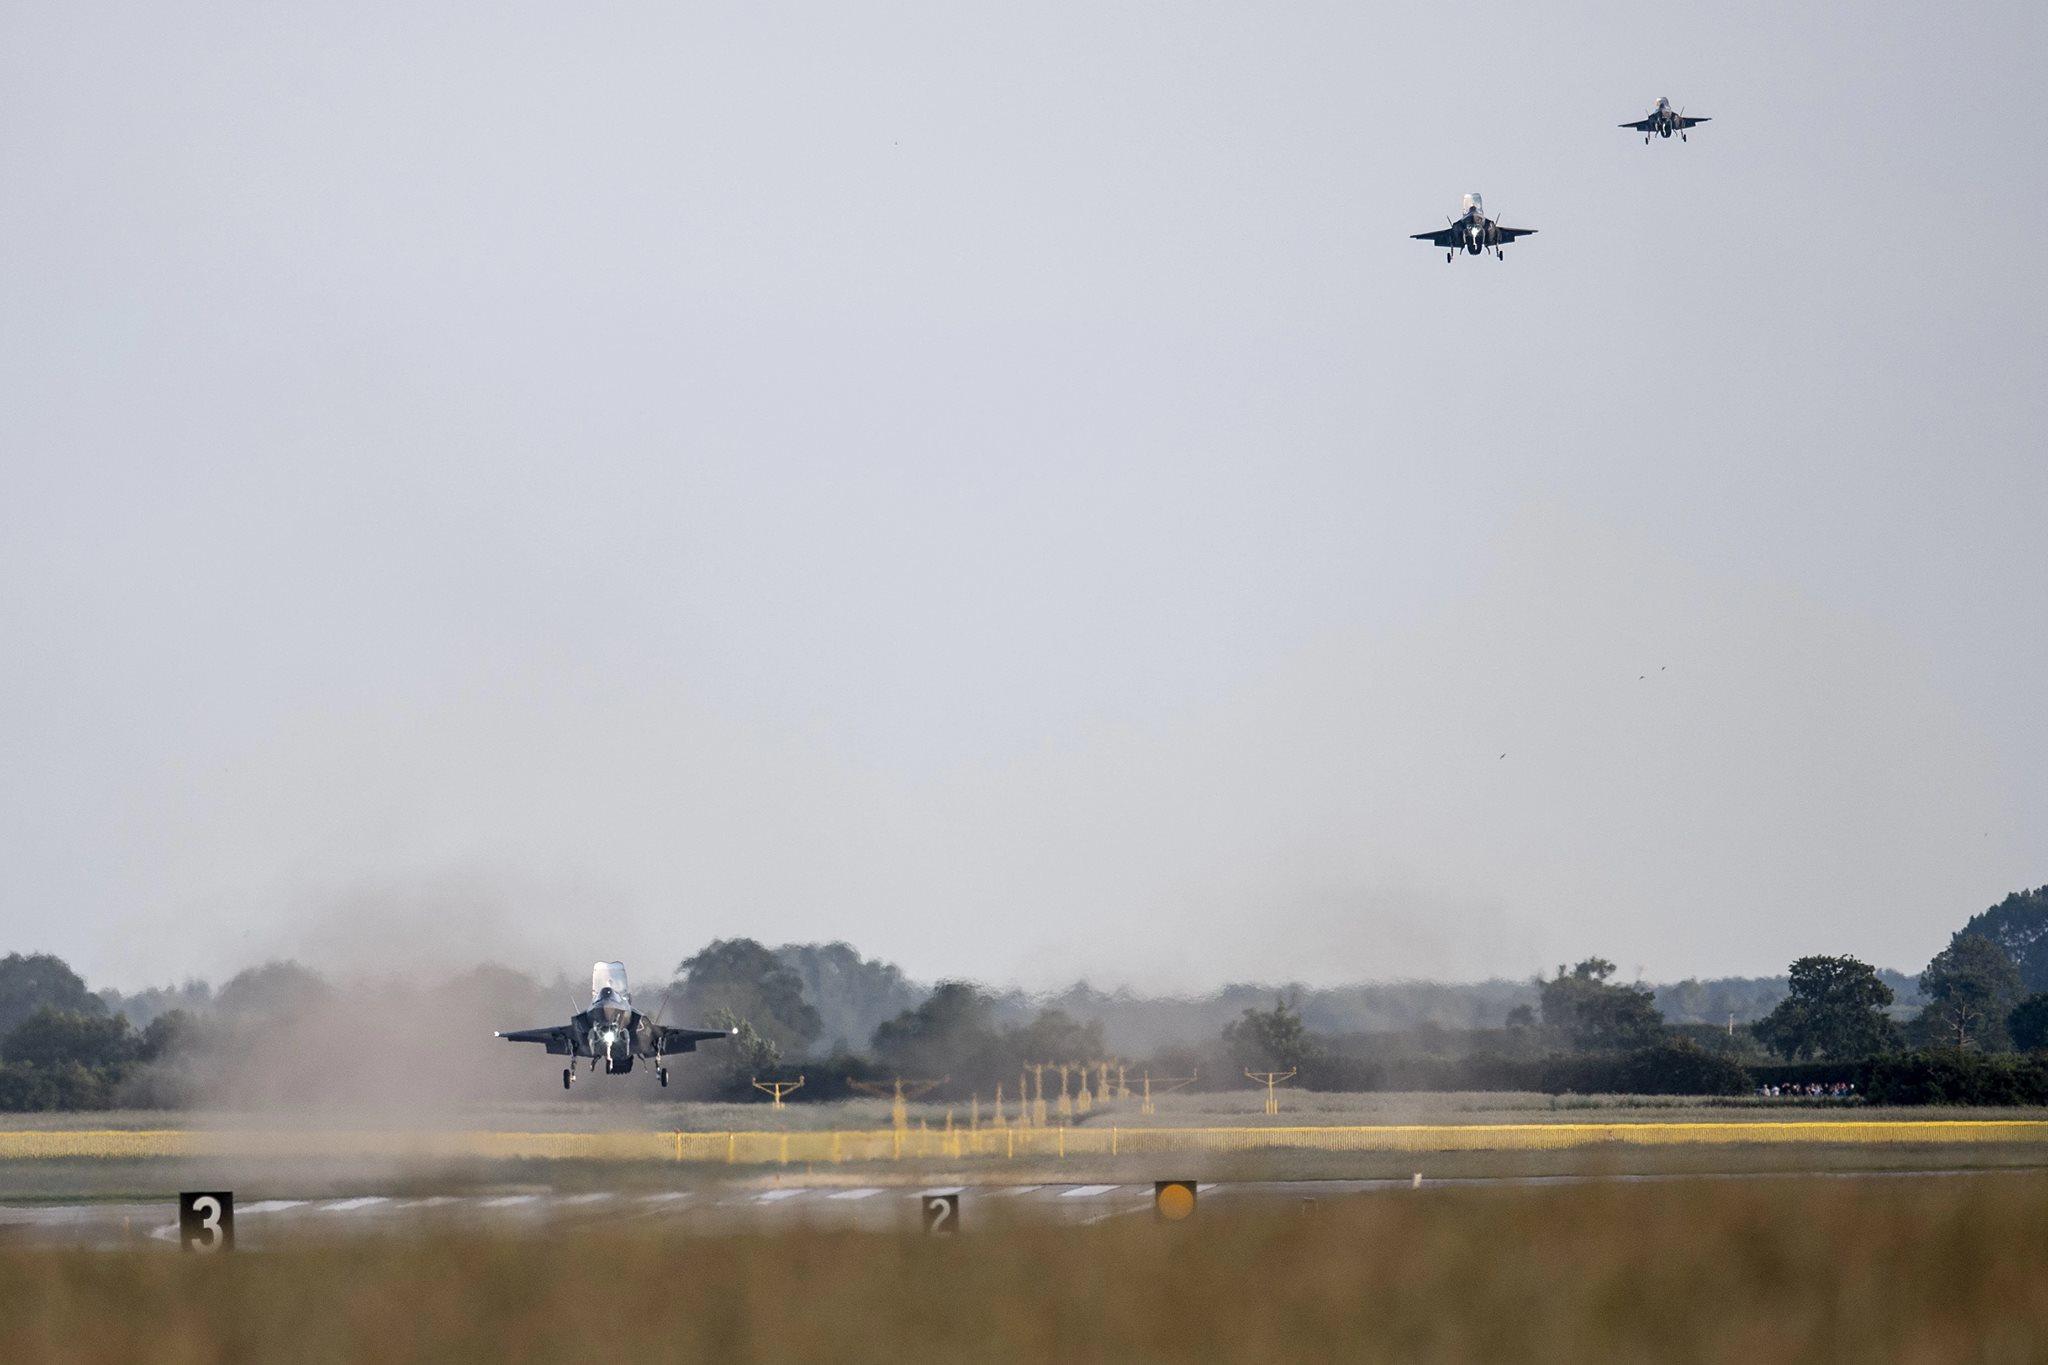 Посадка на британской авиабазе Мархэм первых четырех прибывших из США на территорию Великобритании многоцелевых истребителя Lockheed Martin F-35B Lightning II из состава 617-й эскадрильи Королдевских ВВС Великобритании. 06.06.2018.